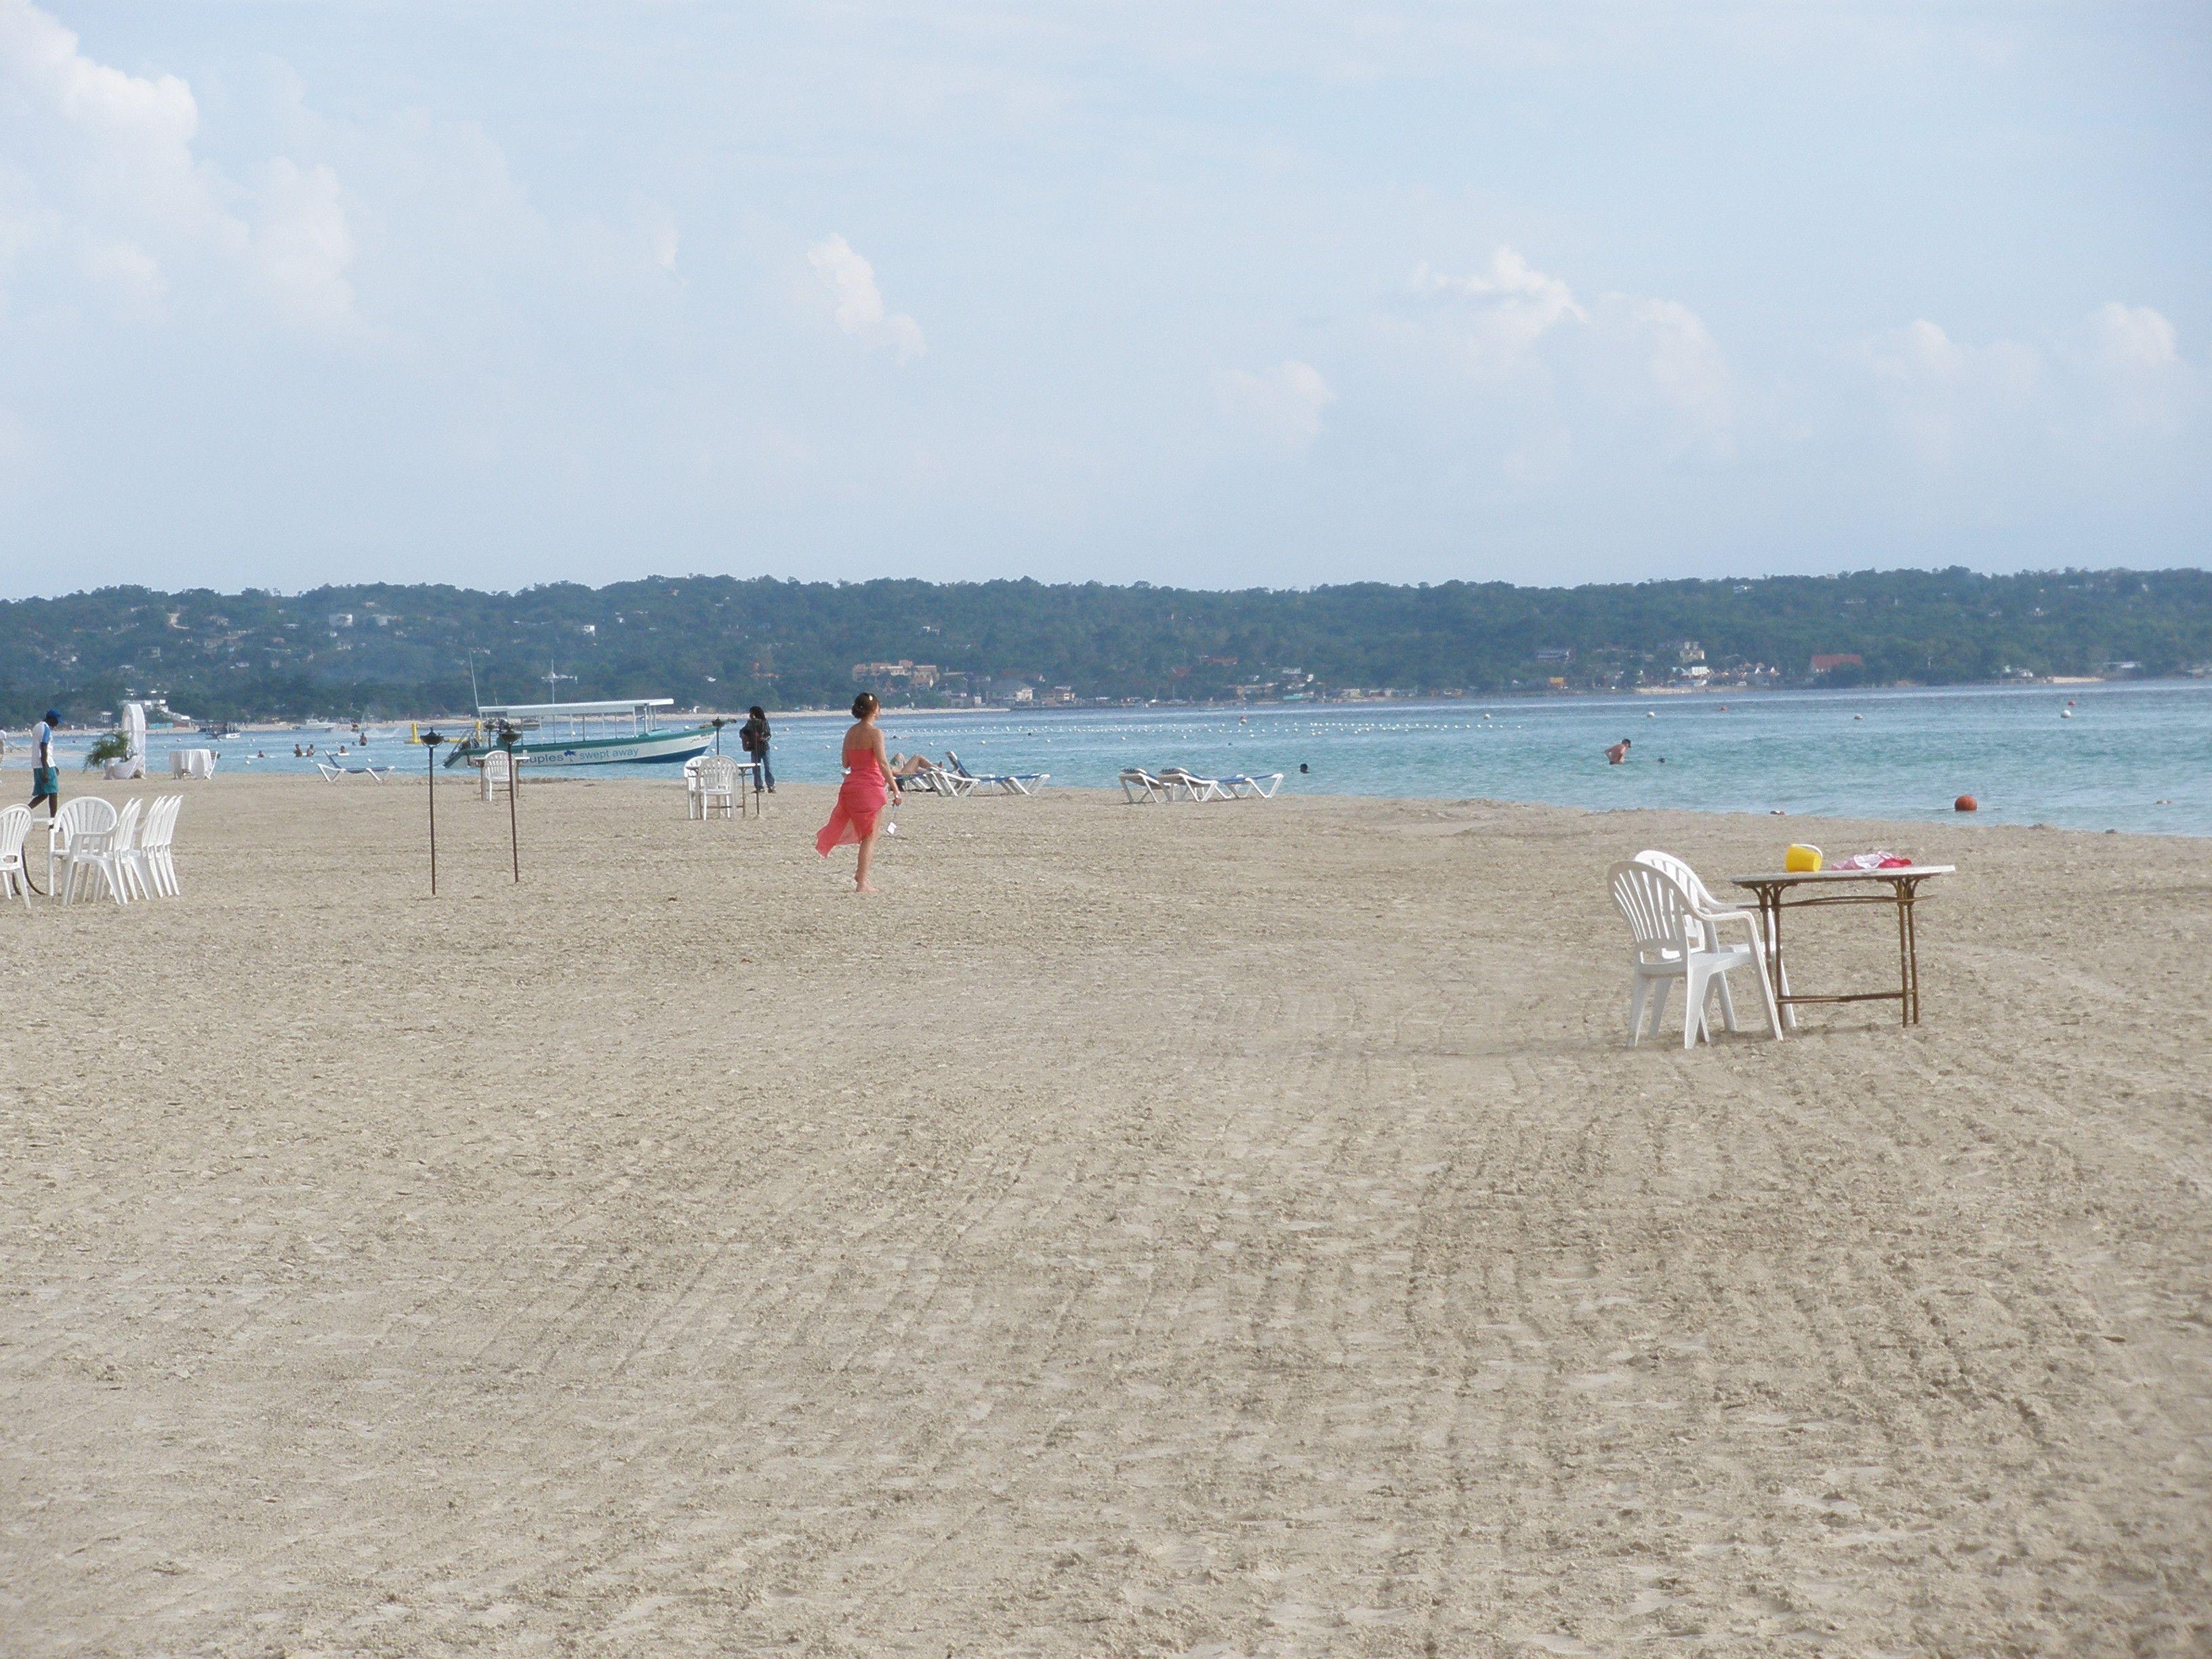 The beach. Beaches Negril, Jamaica